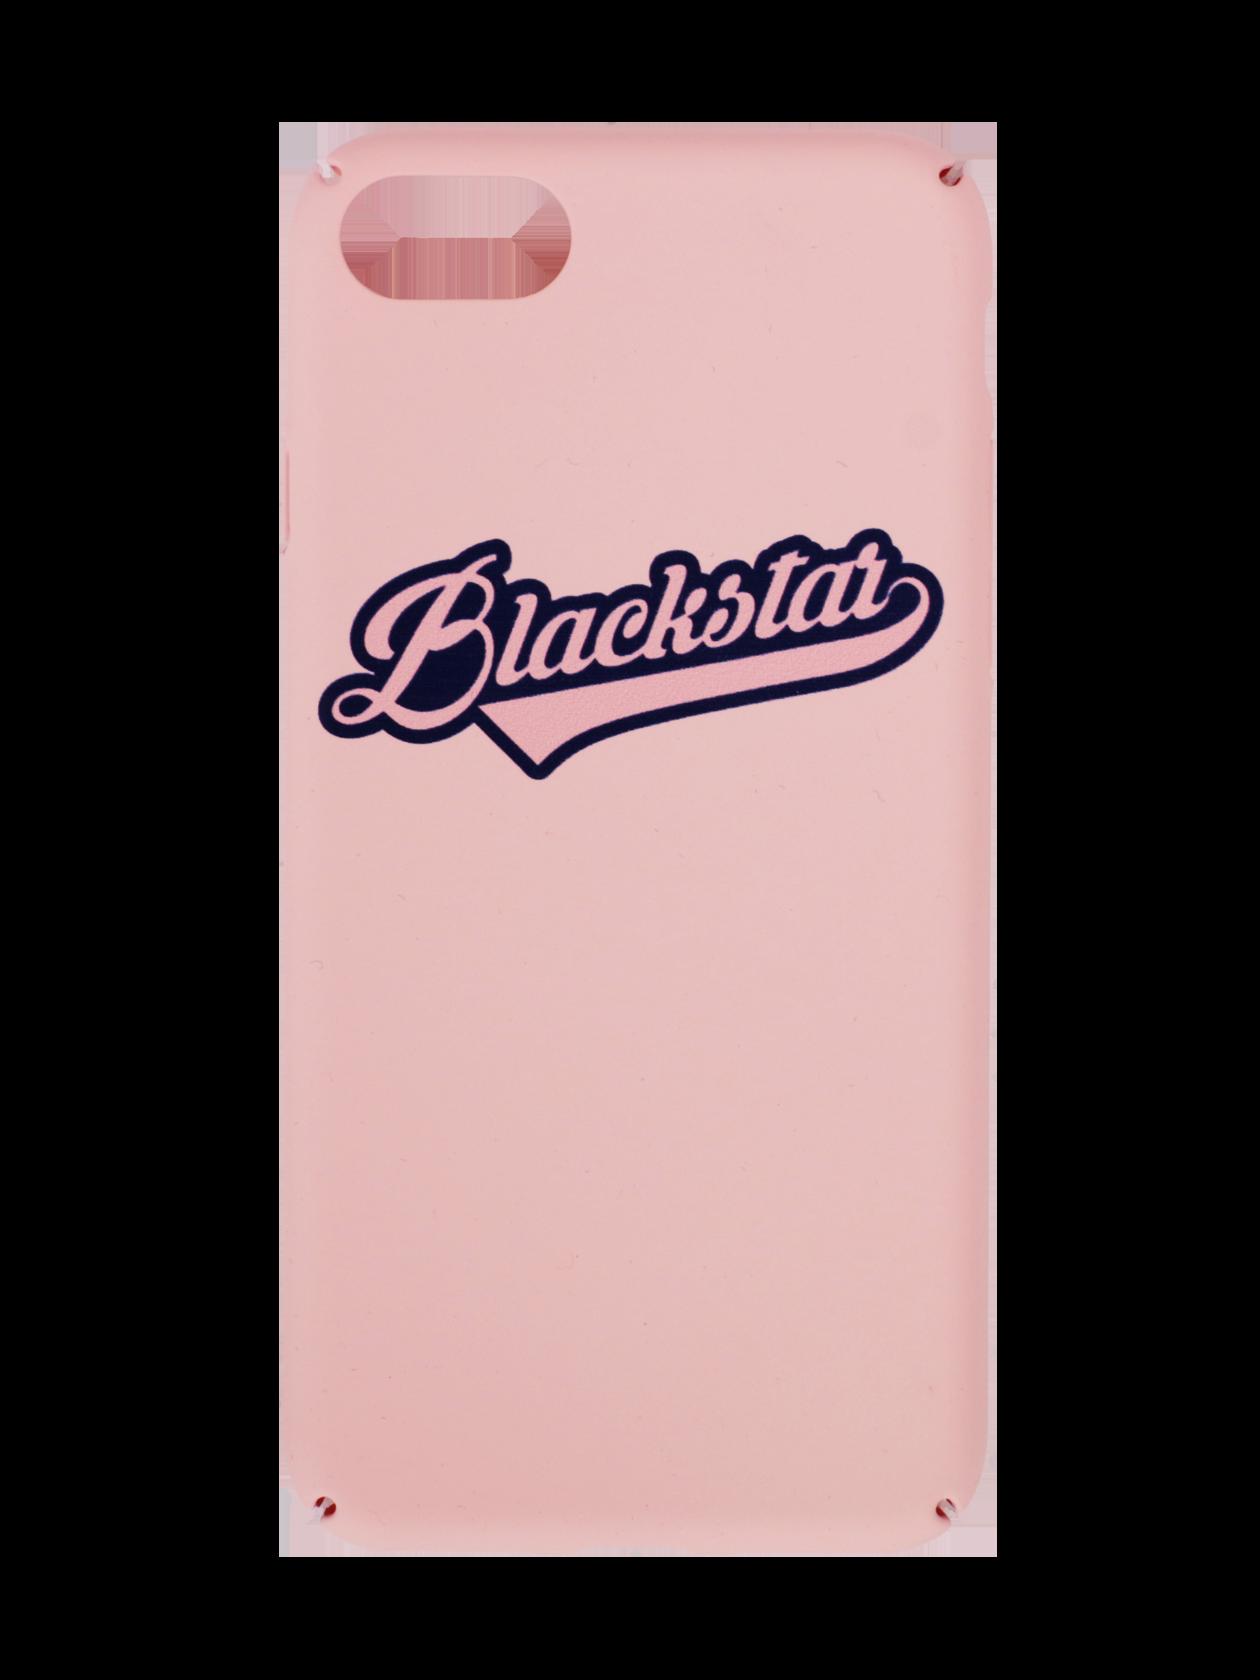 Чехол для телефона PLAYFUL BSЯркий чехол для телефона Playful BS – незаменимая вещь для любимого гаджета. Модель выполнена в виде задней стенки мобильного устройства, идеально повторяет его форму, предотвращая от попадания пыли внутрь корпуса. Стильный дизайн позволит разнообразить внешний вид девайса. Чехол представлен в двух модных расцветках – бледно-розовой и лиловой. Аксессуар создан из высококачественного прочного материала.<br><br>Размер: 7+<br>Цвет: Розовый<br>Пол: Унисекс